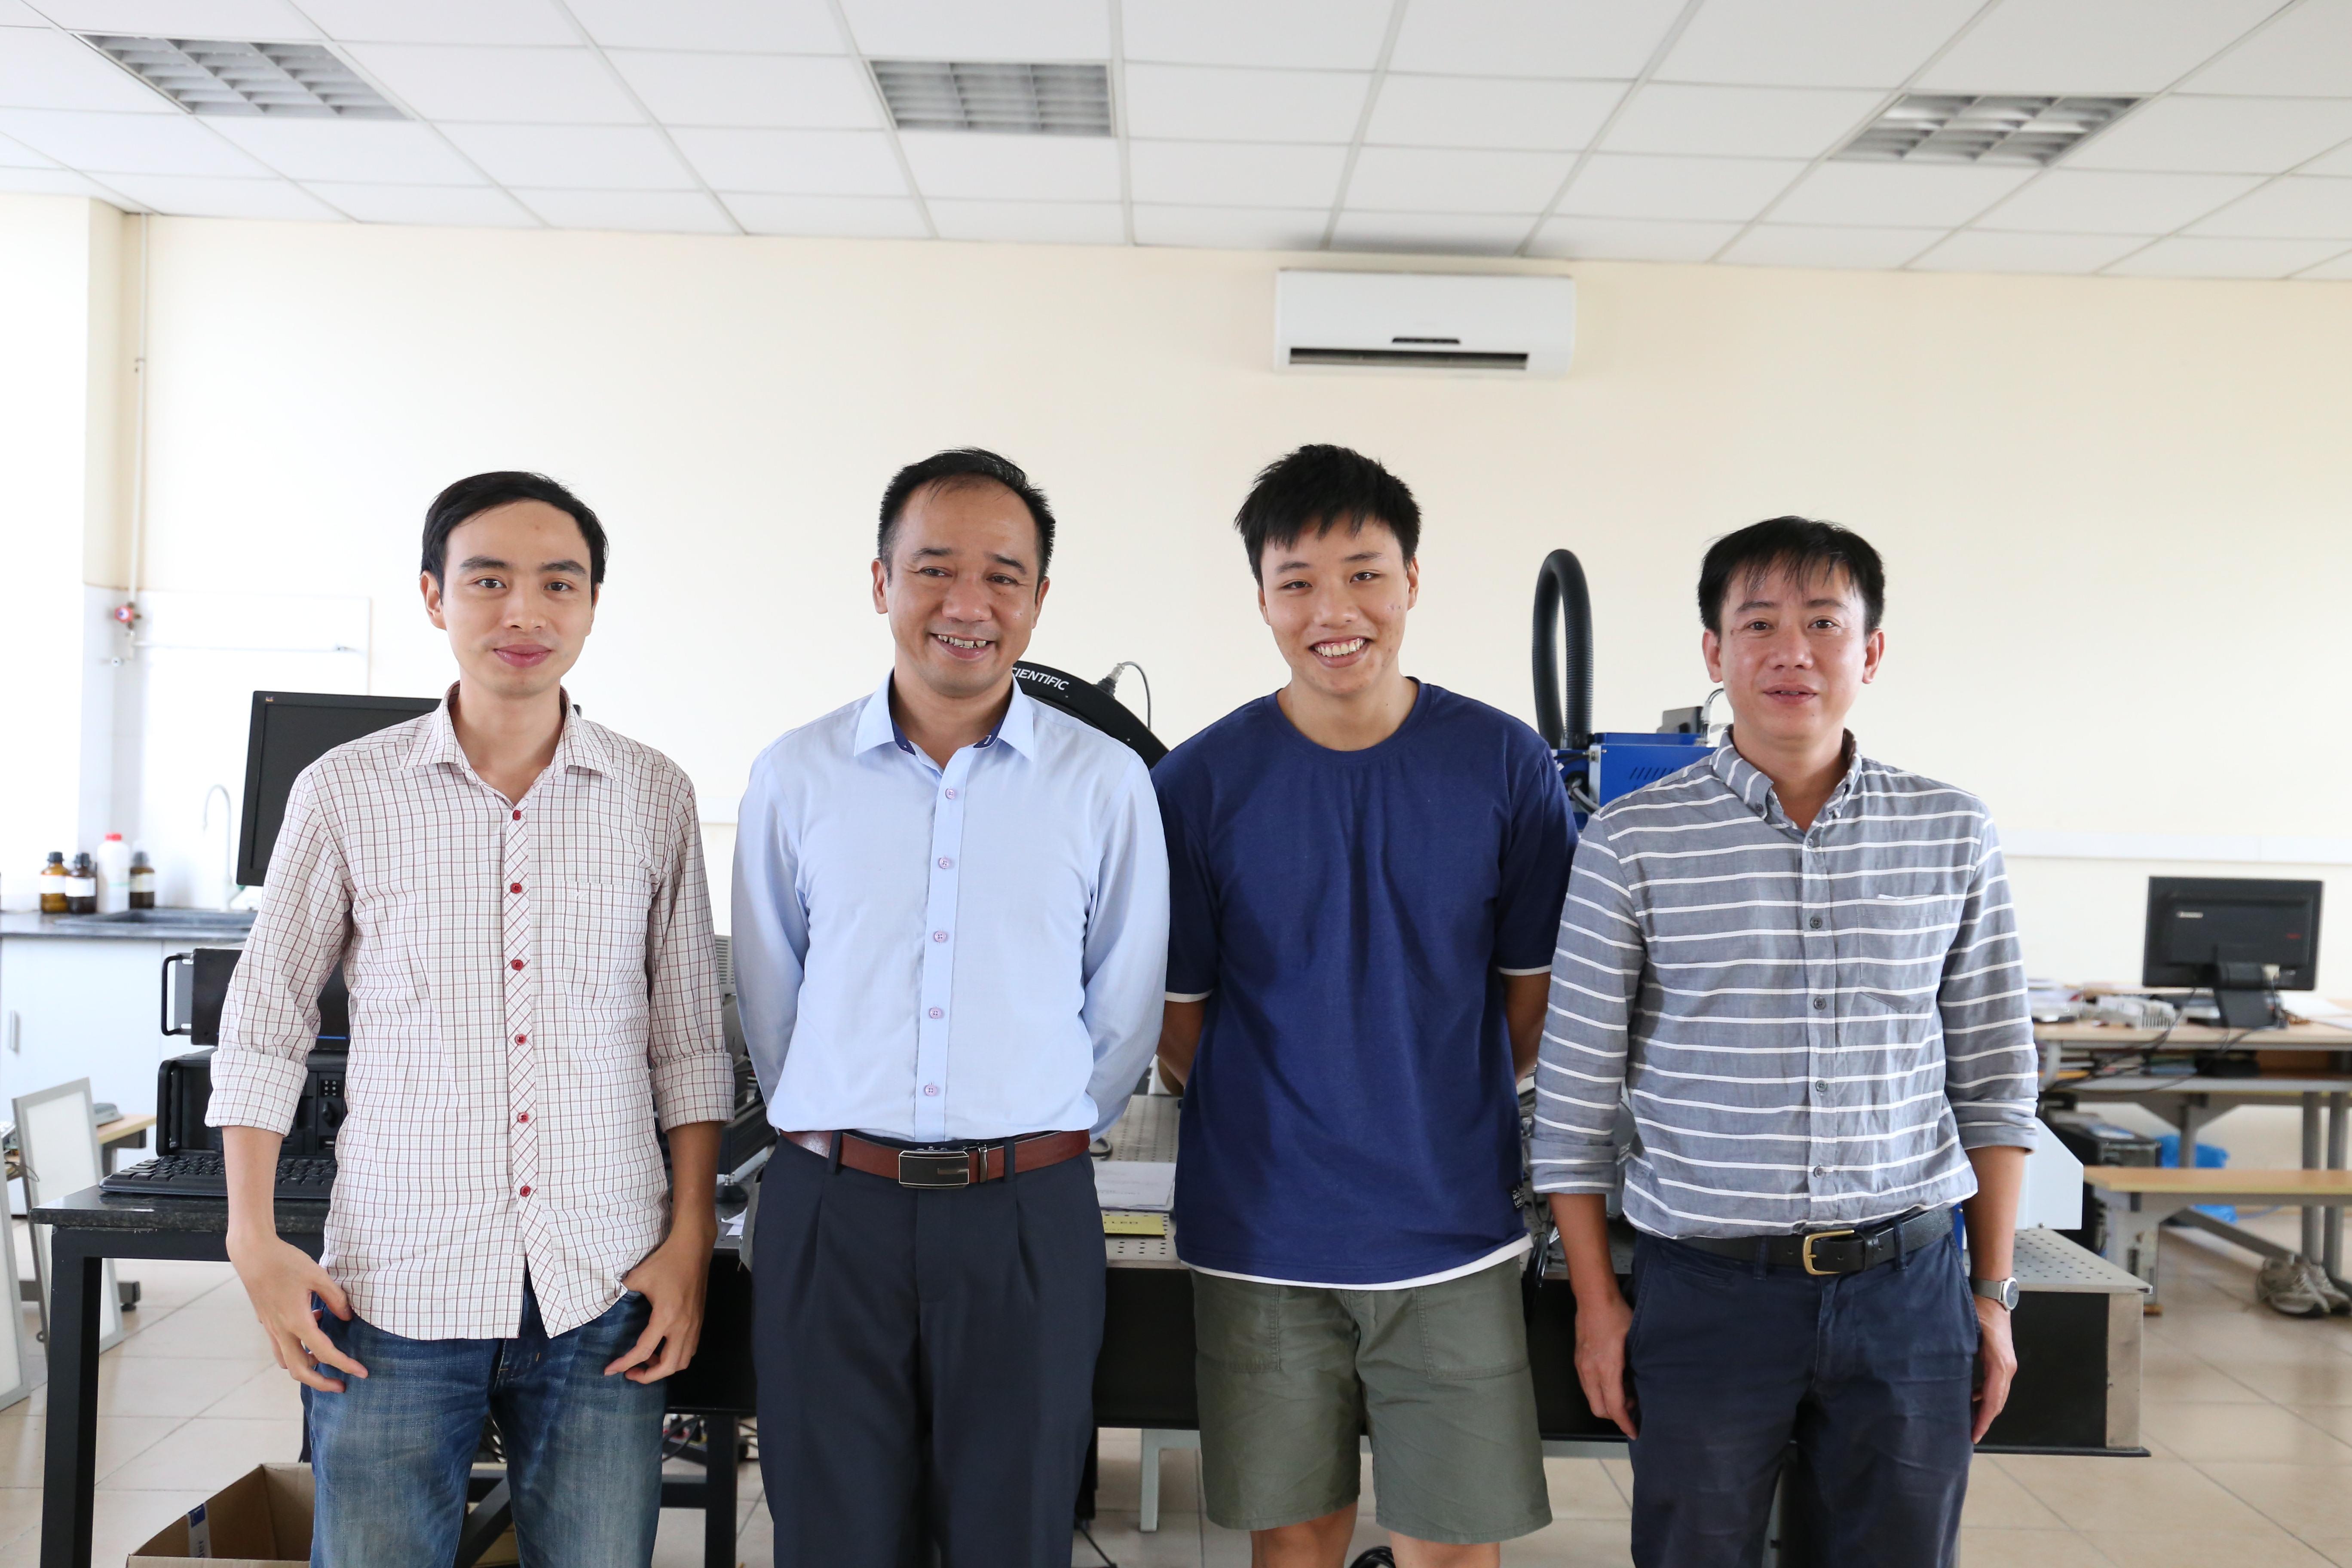 TS. Đào Xuân Việt (ngoài cùng bên phải) và các thành viên trong phòng thí nghiệm HUST – RALACO LED (ĐH Bách Khoa). Nguồn: KHPT